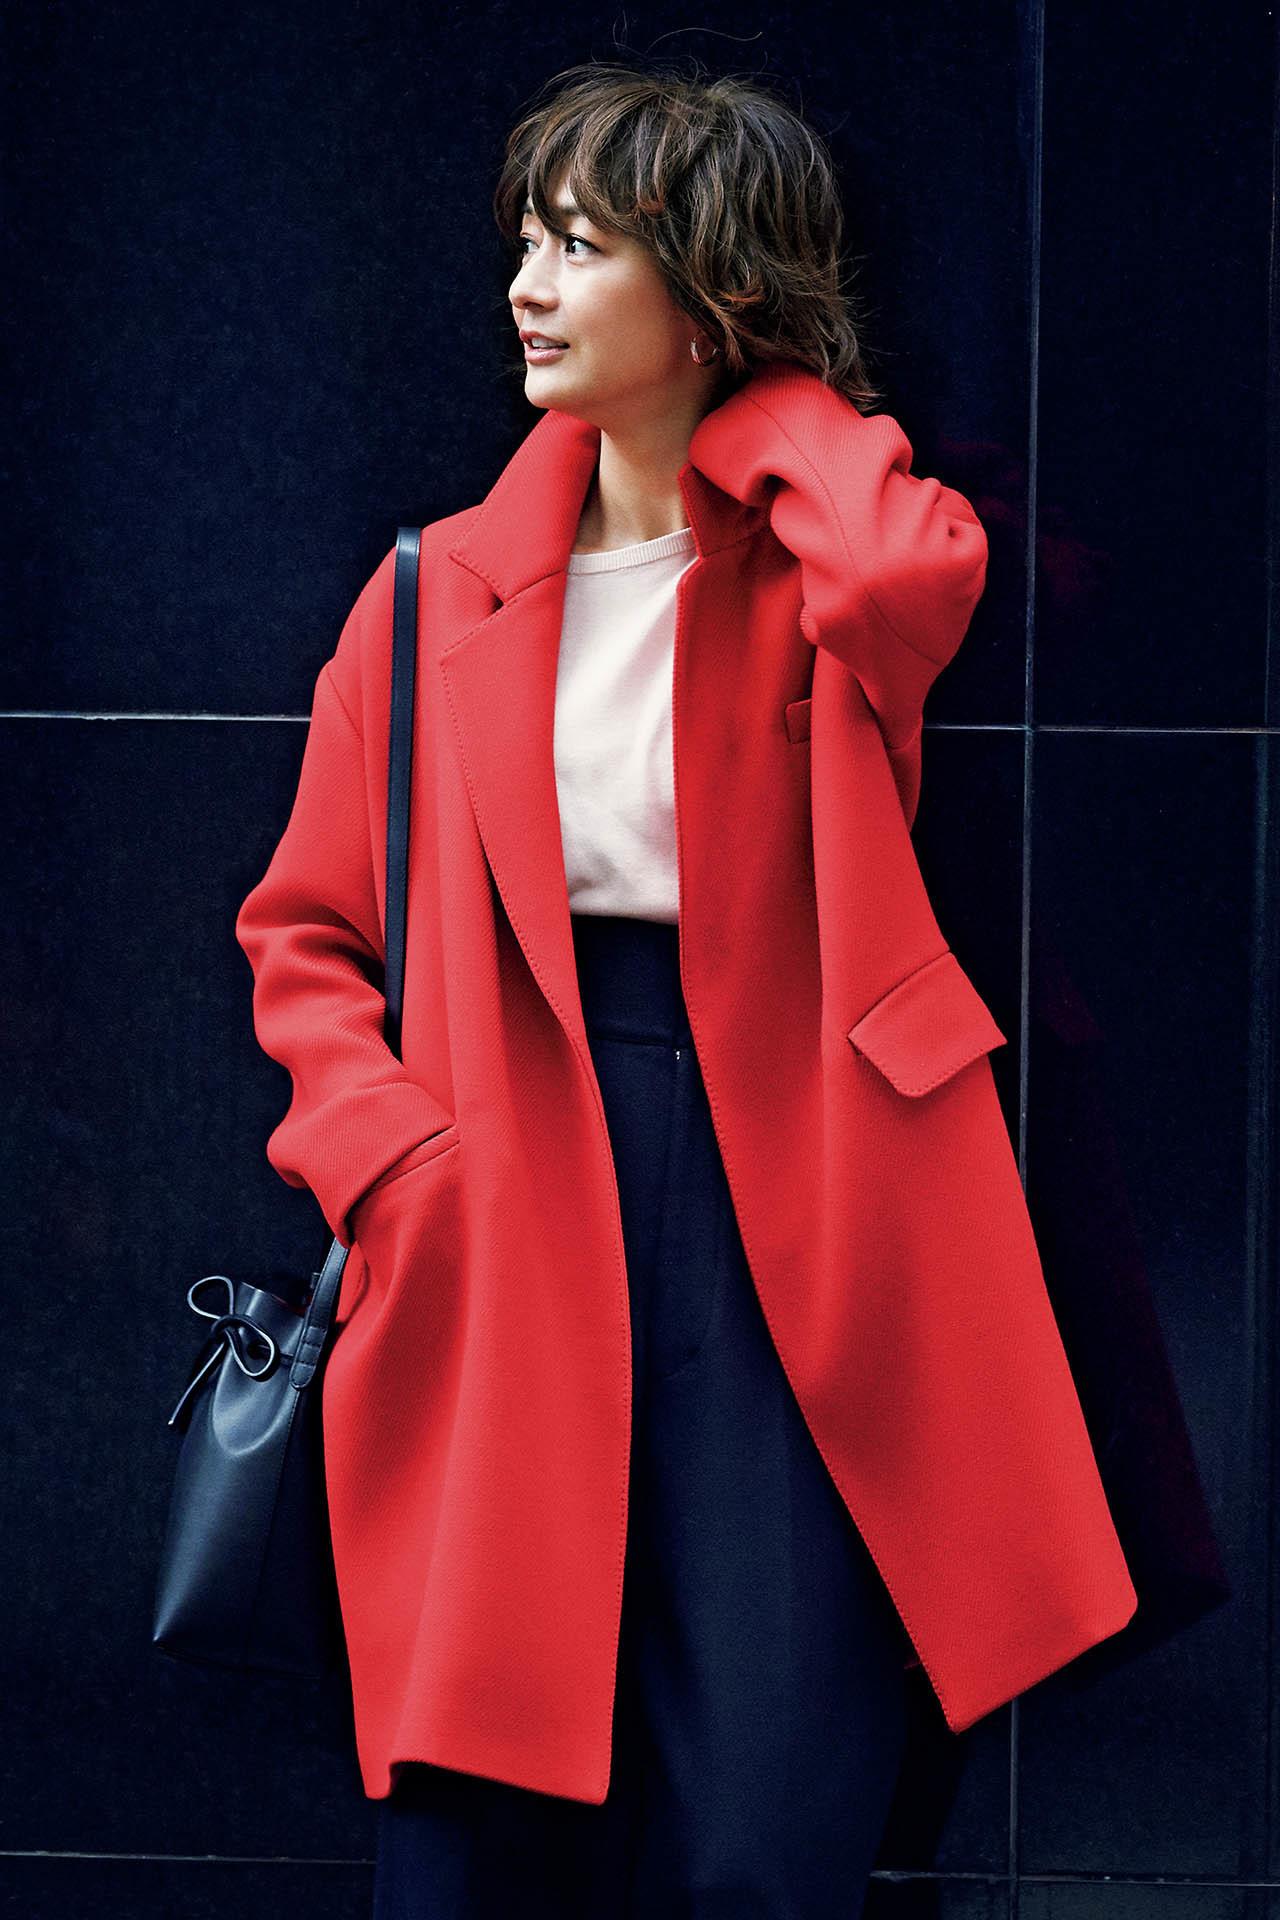 大人を元気に見せてくれる色、「赤」をまとって冬の街へ出かけよう! 五選_1_1-3